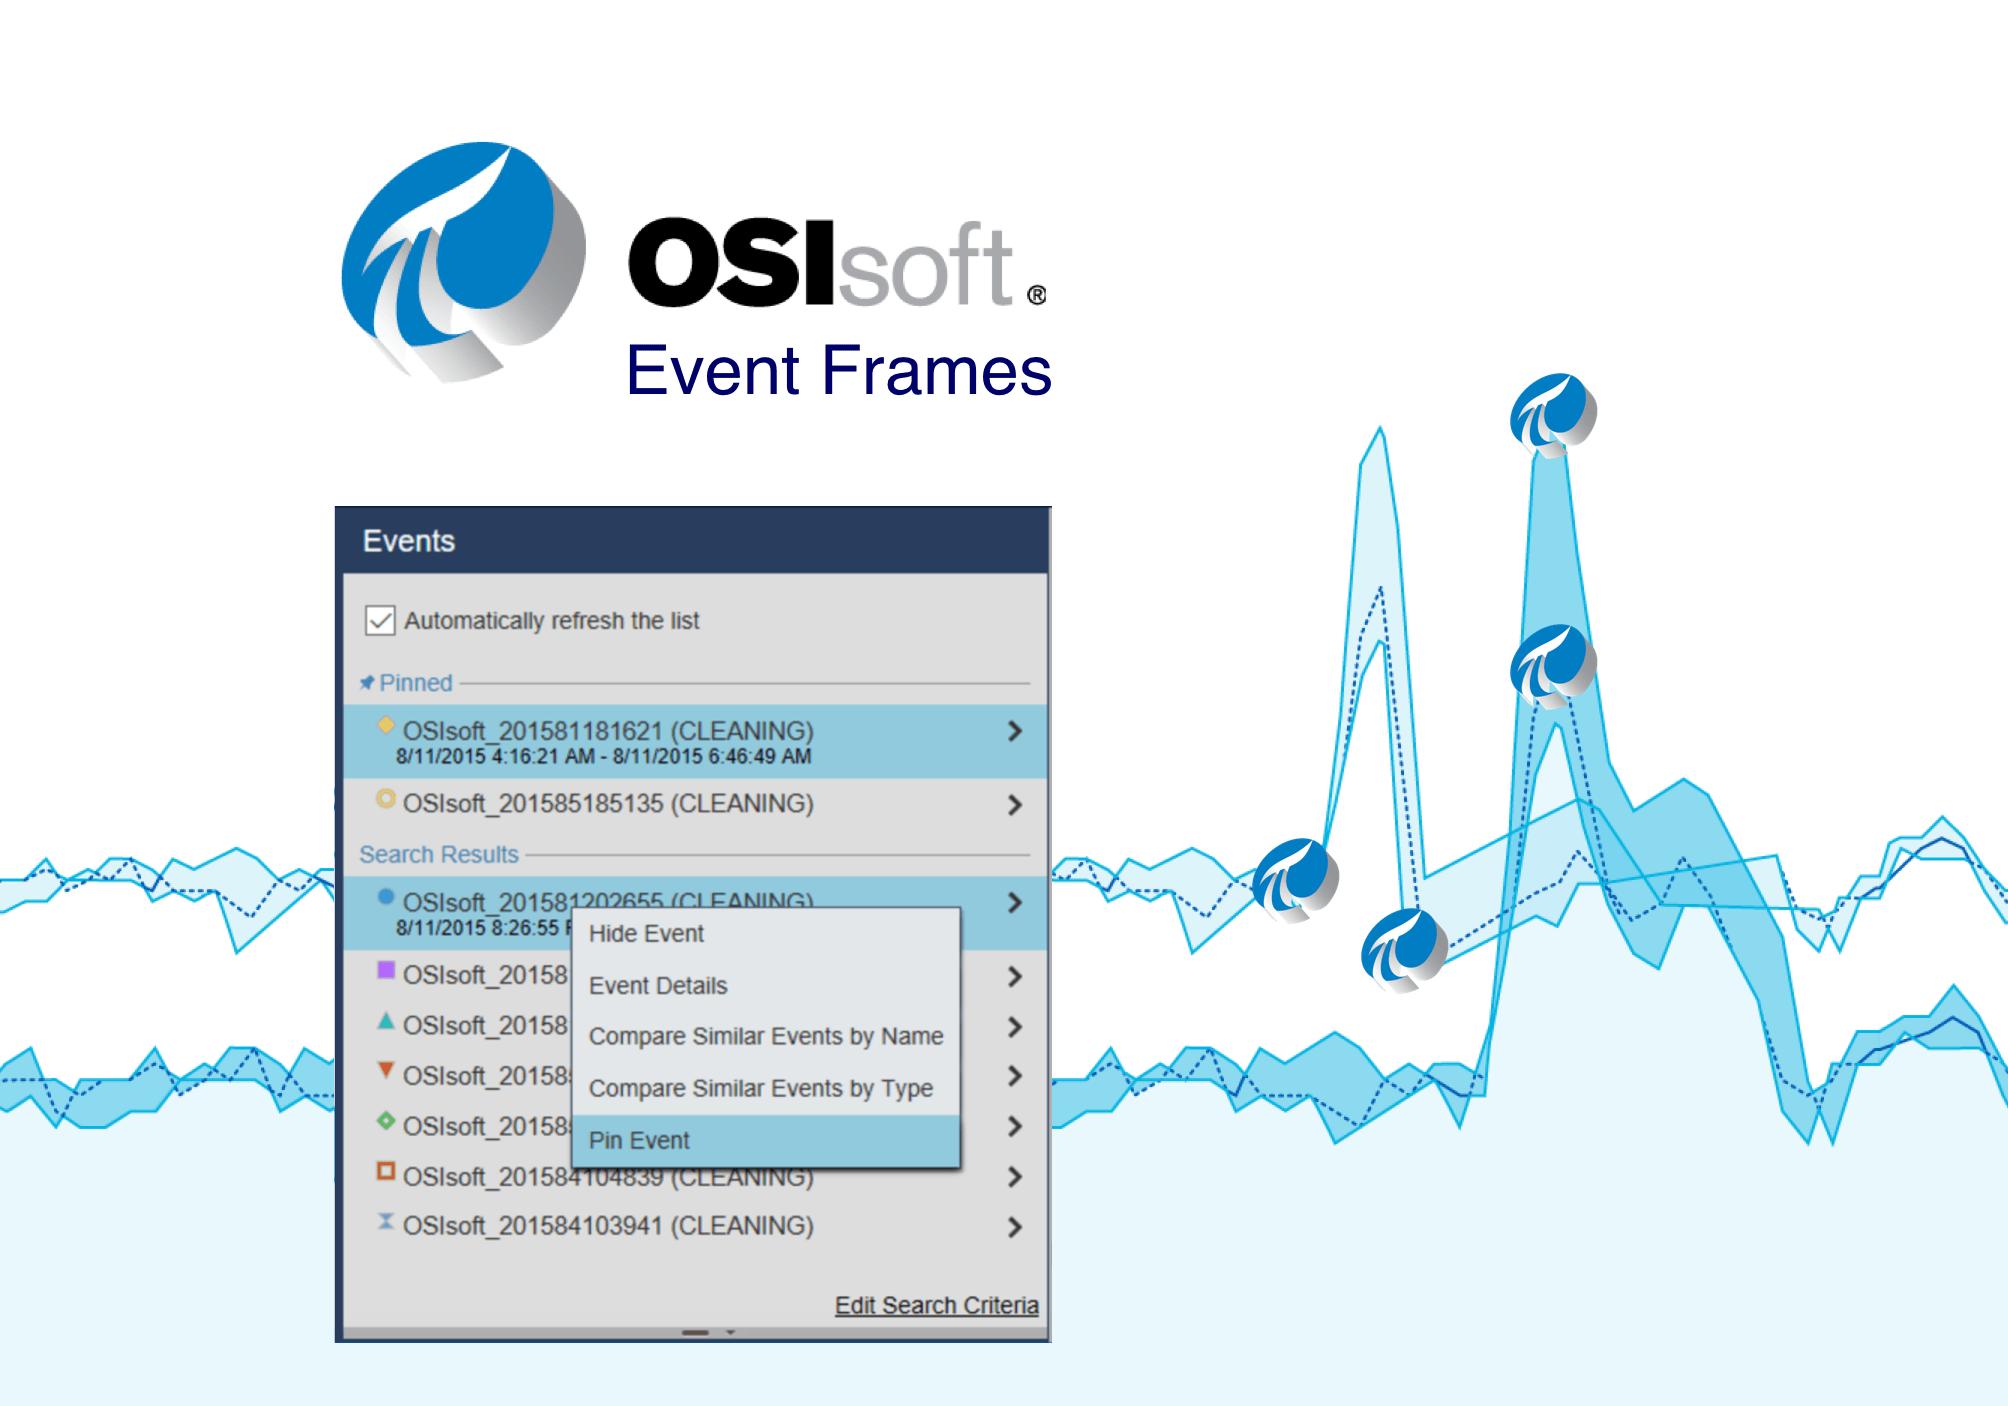 OSIsoft Event Frames Integration